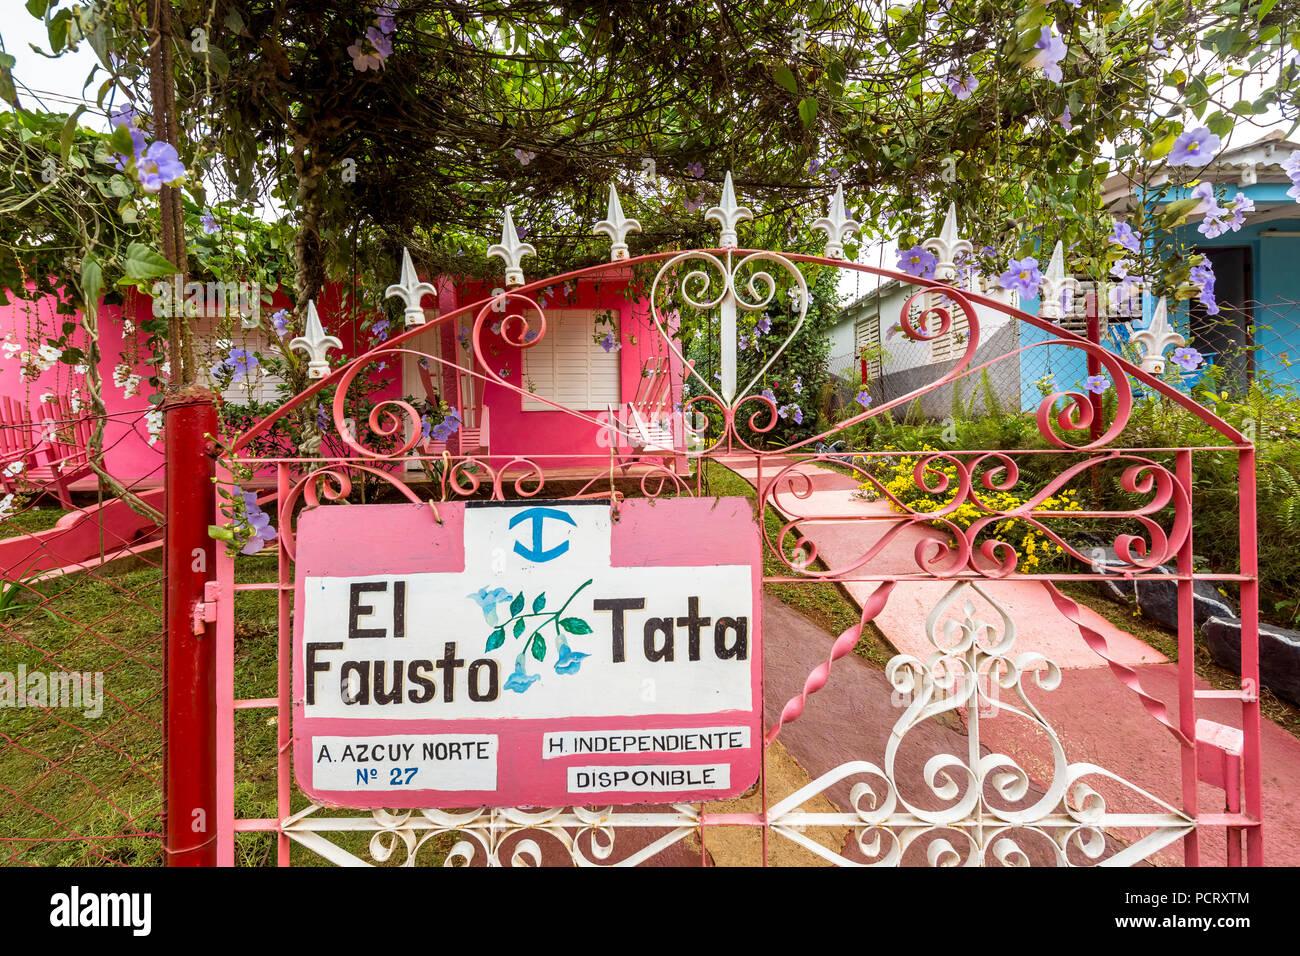 Casa Rosa con scale, casa particular, abitazione privata a Cuba, El Fausto Tata, Viñales, Cuba, Pinar del Río, Cuba, viaggi, isola, Antille Maggiori, Immagini Stock